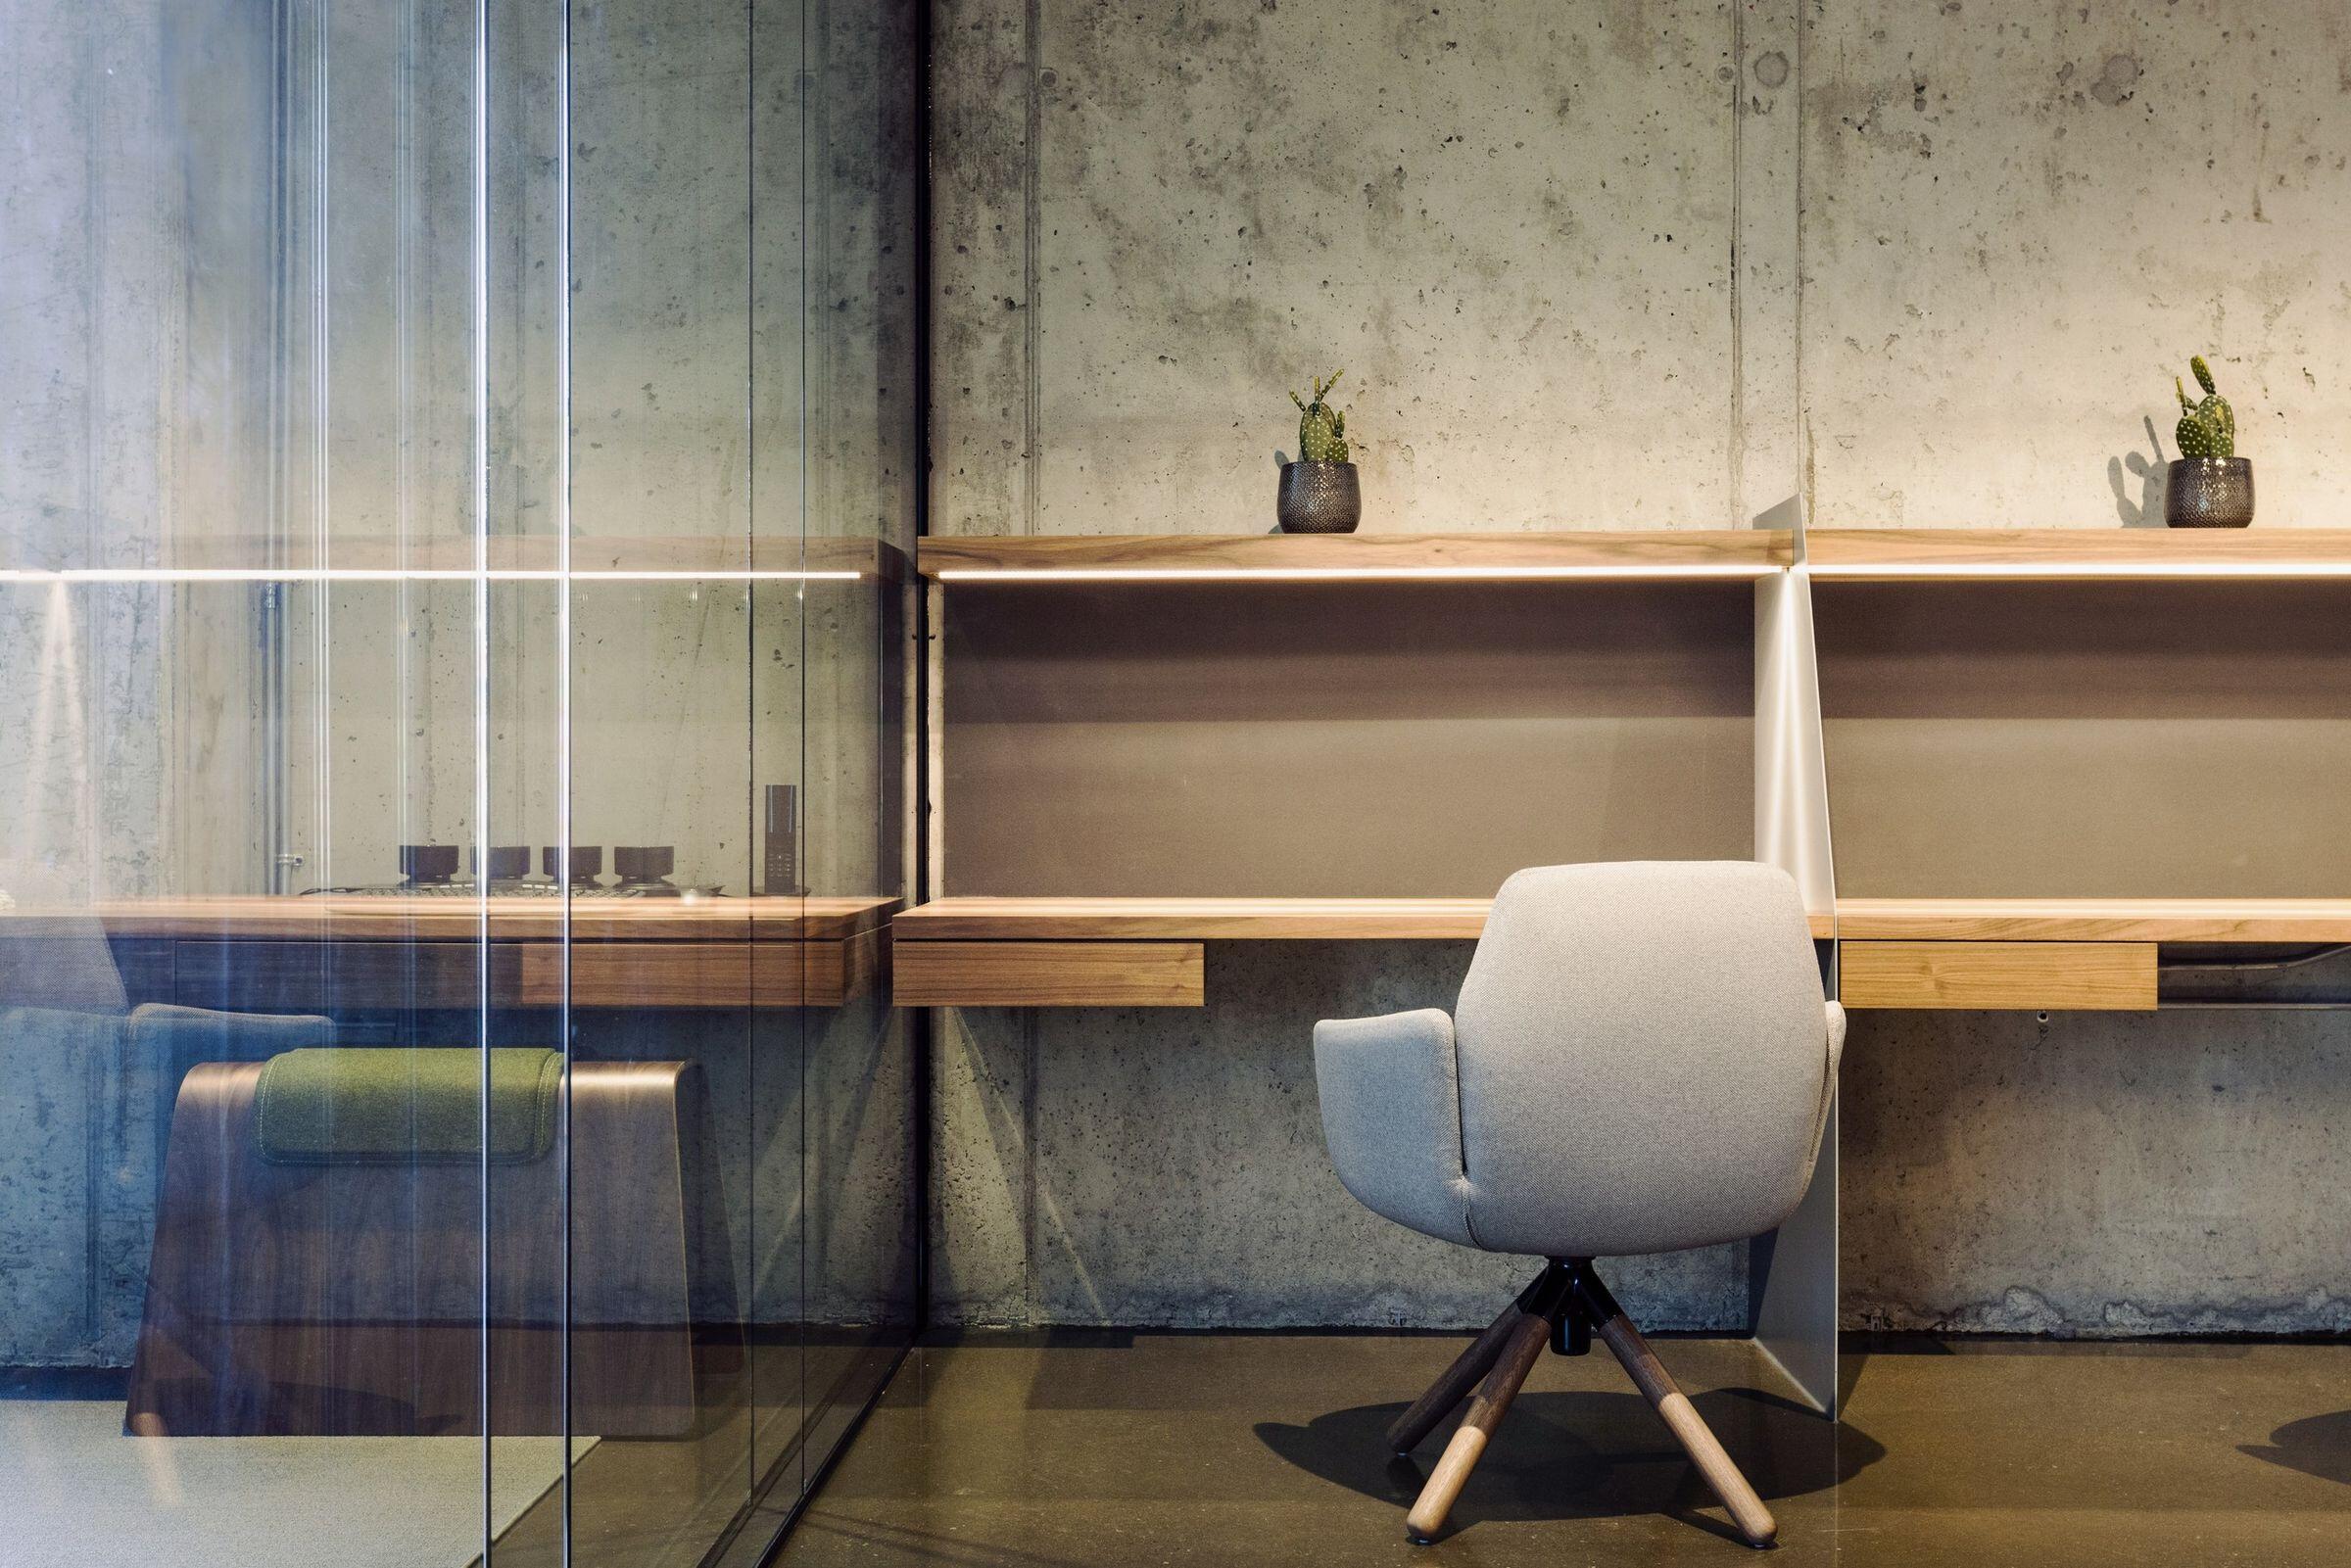 Meuble en osb meuble bois bureau luxe meuble hifi ikea meuble de